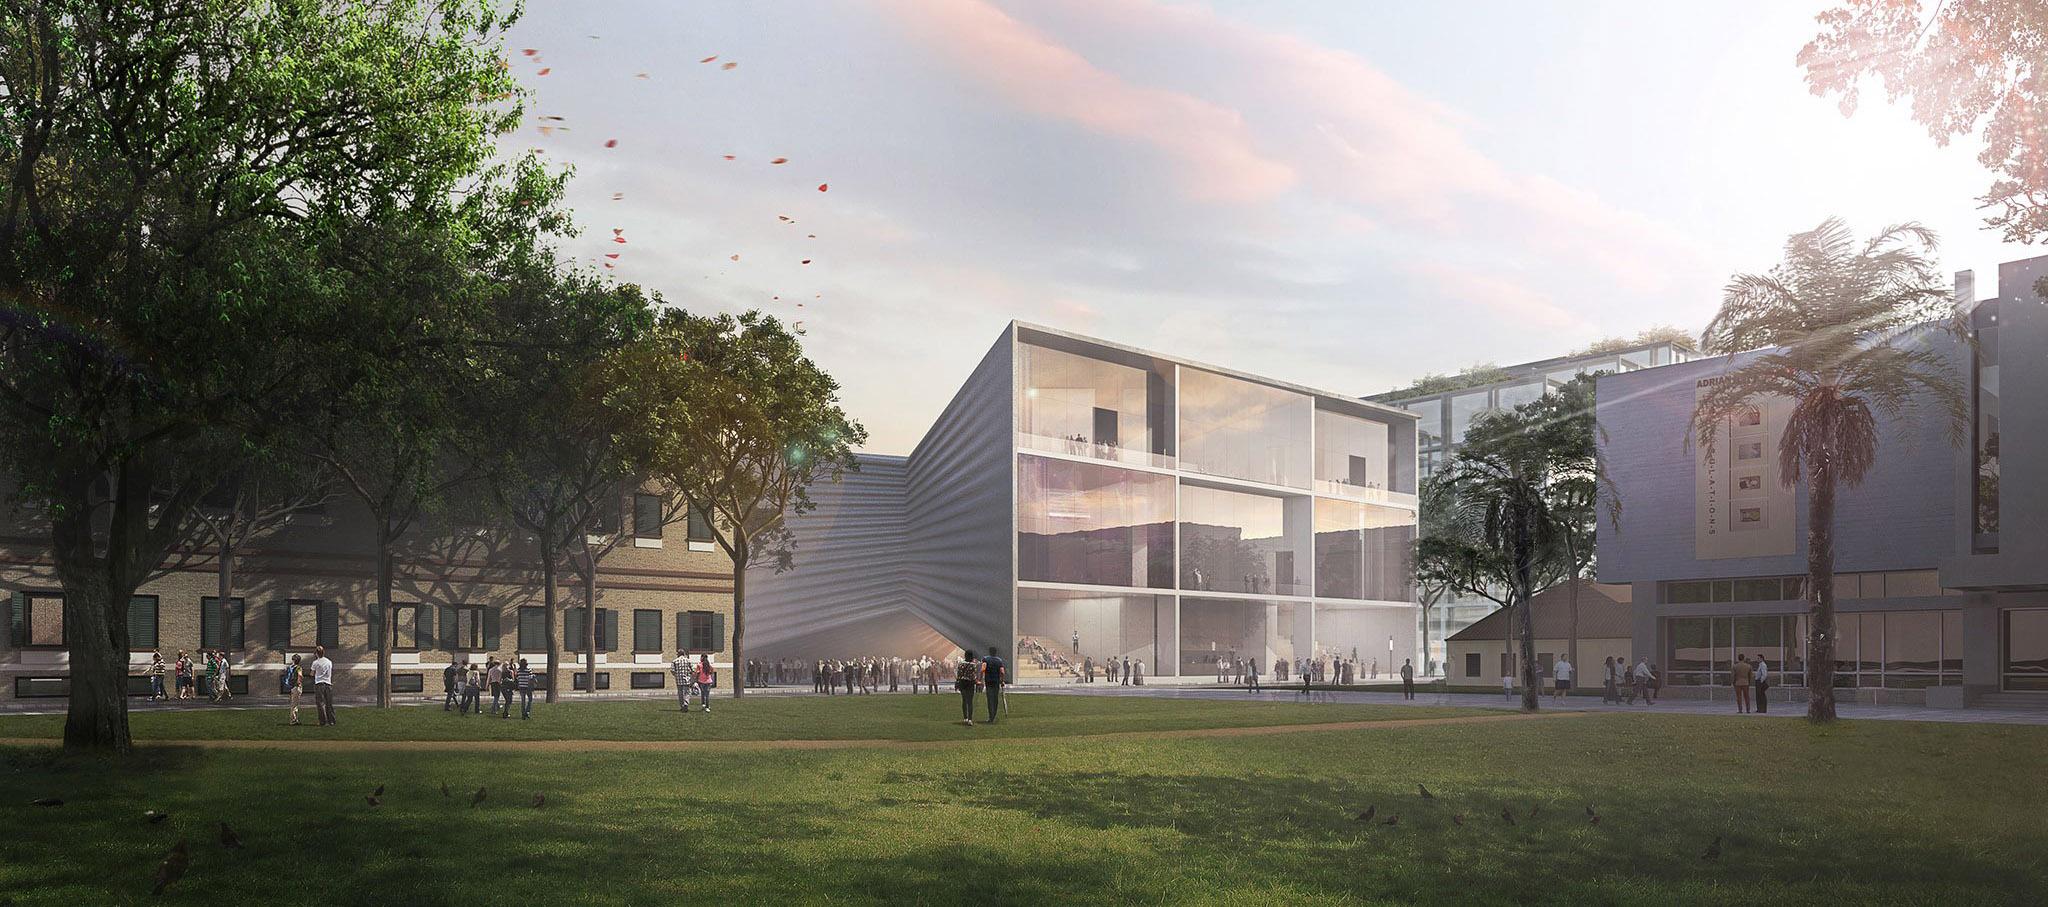 Vista exterior. BIG gana el concurso pa ra el Teatro Nacional de Tirana y Plan Director. Imagen cortesía de BIG - Bjarke Ingels Group